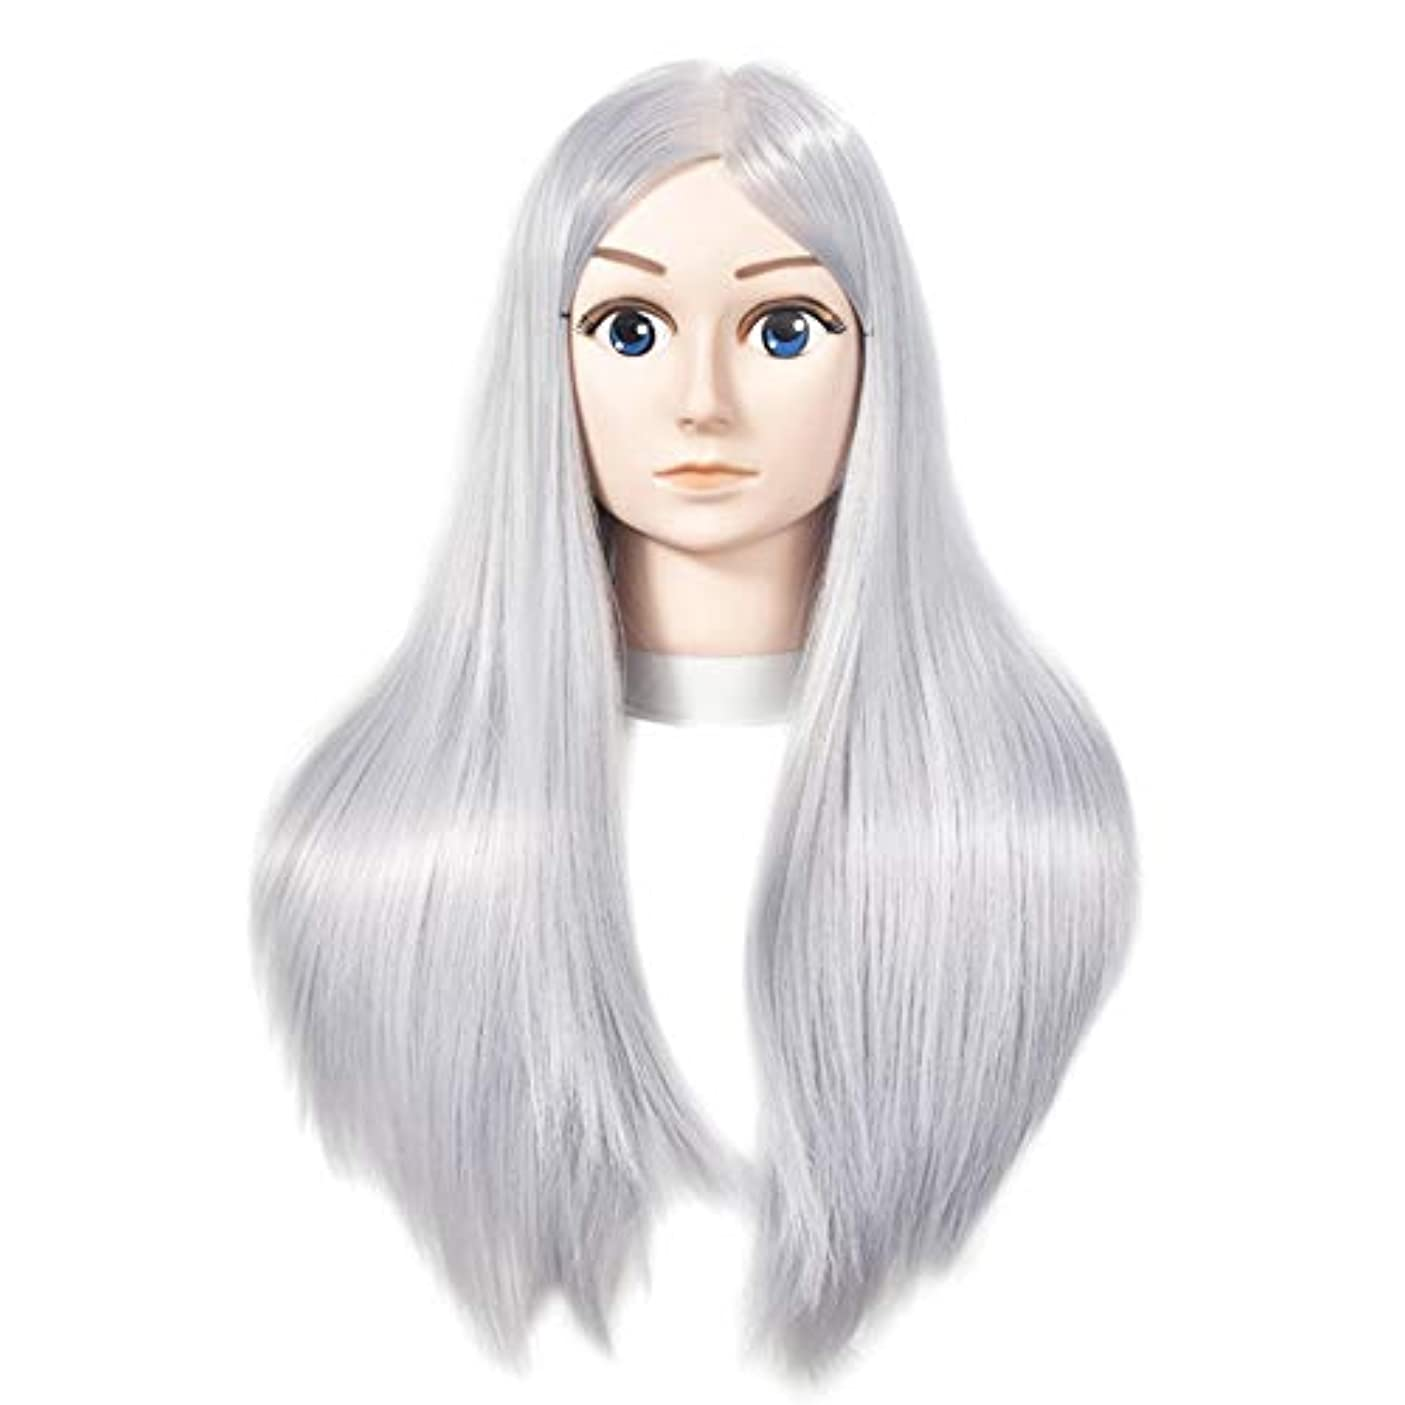 バトル申請者手がかり高温シルクかつらヘッド型のヘアカット編みのスタイリングマネキンヘッド理髪店練習指導ダミーヘッドグレー